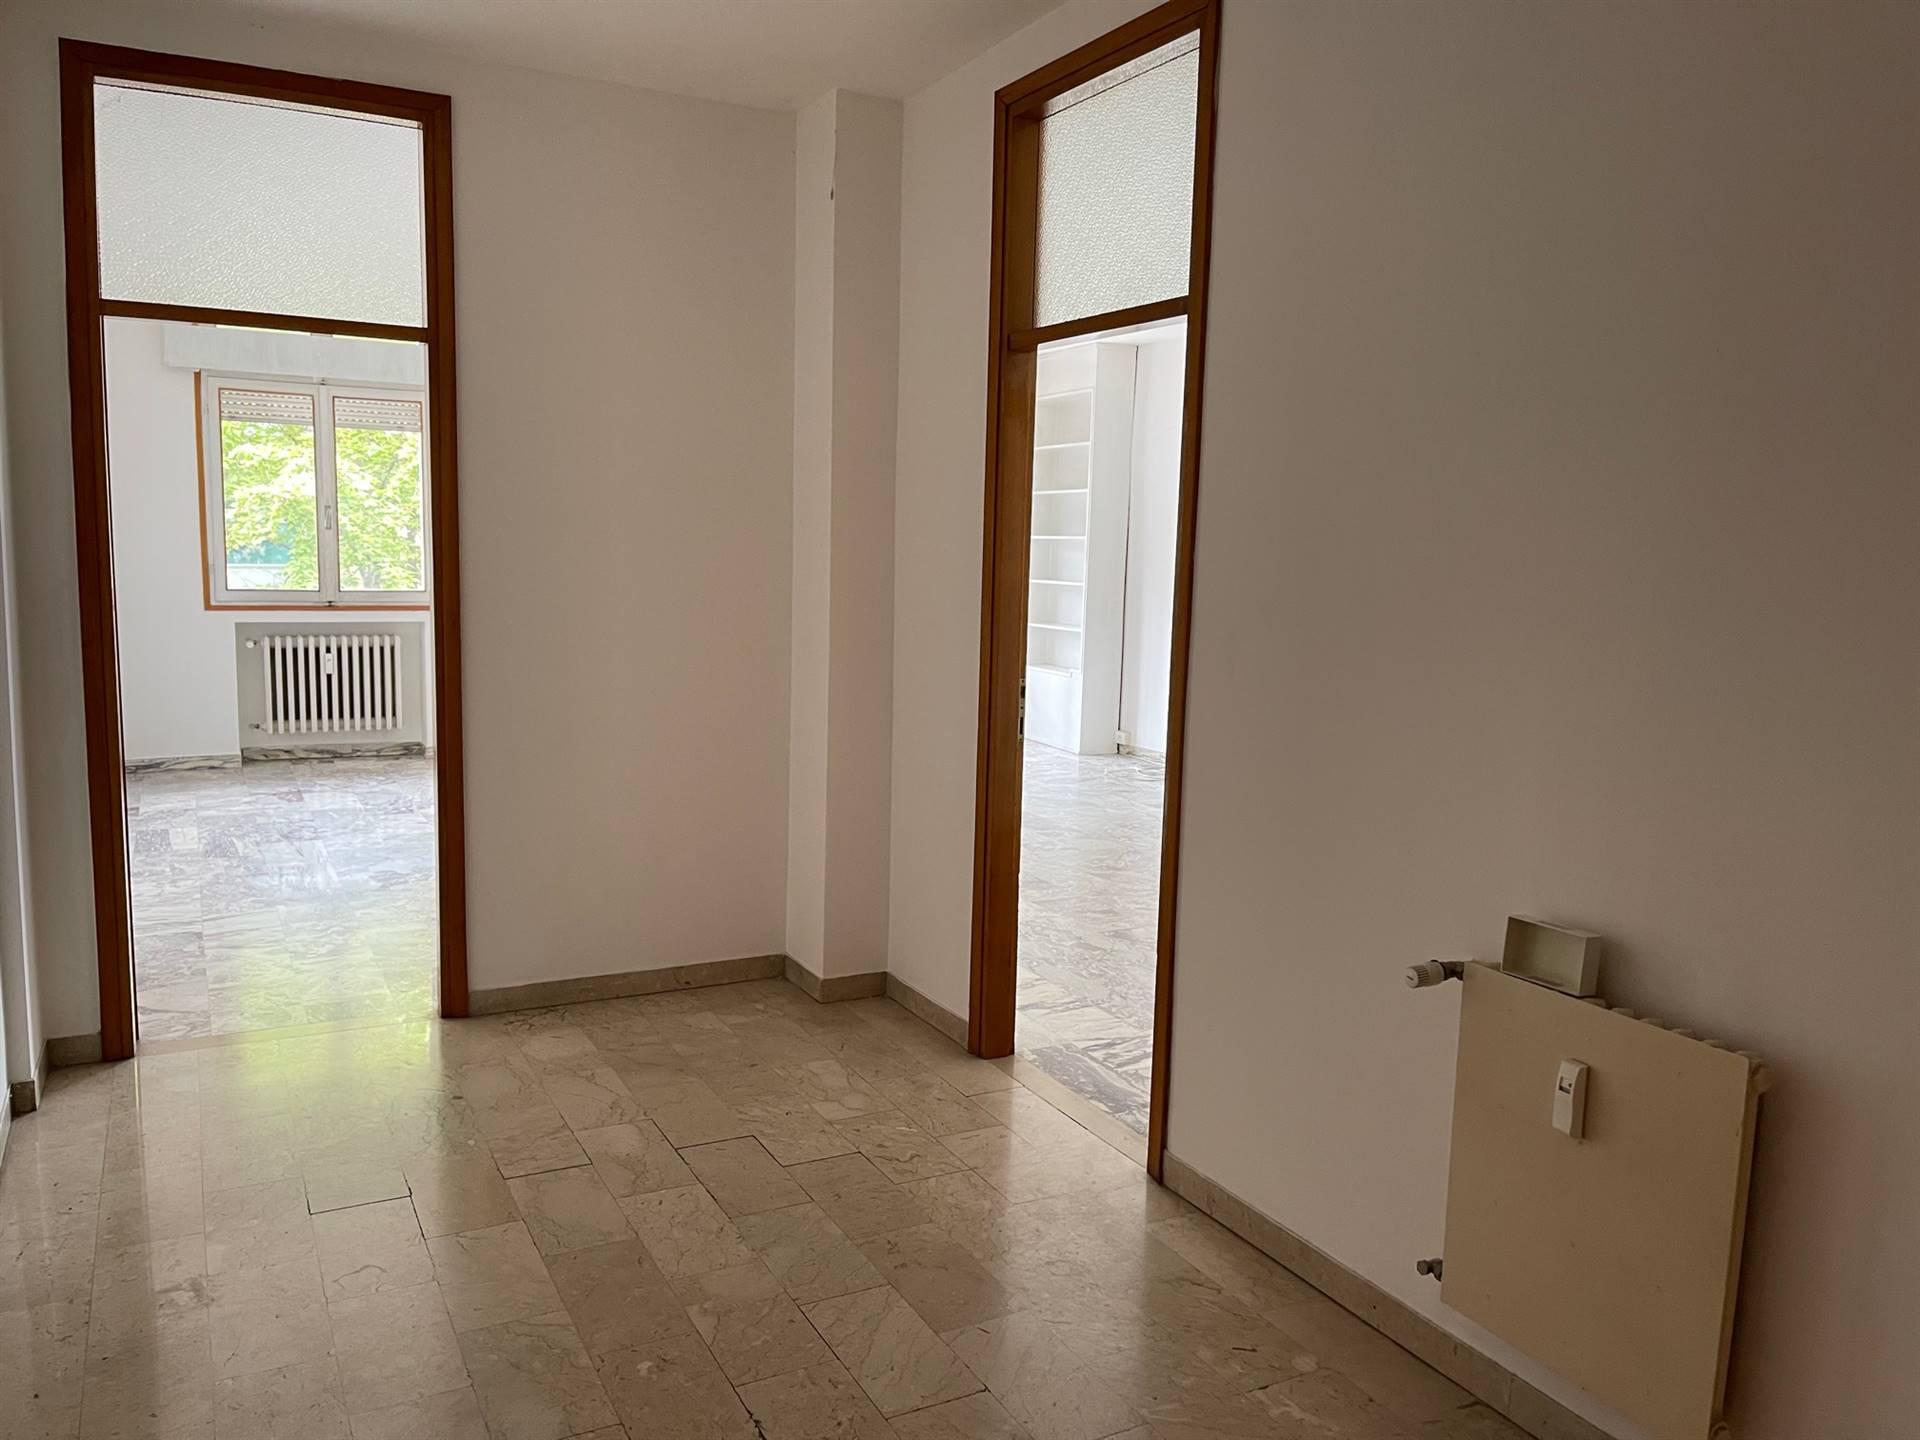 ingresso appartamento invendita a Mestre signorile